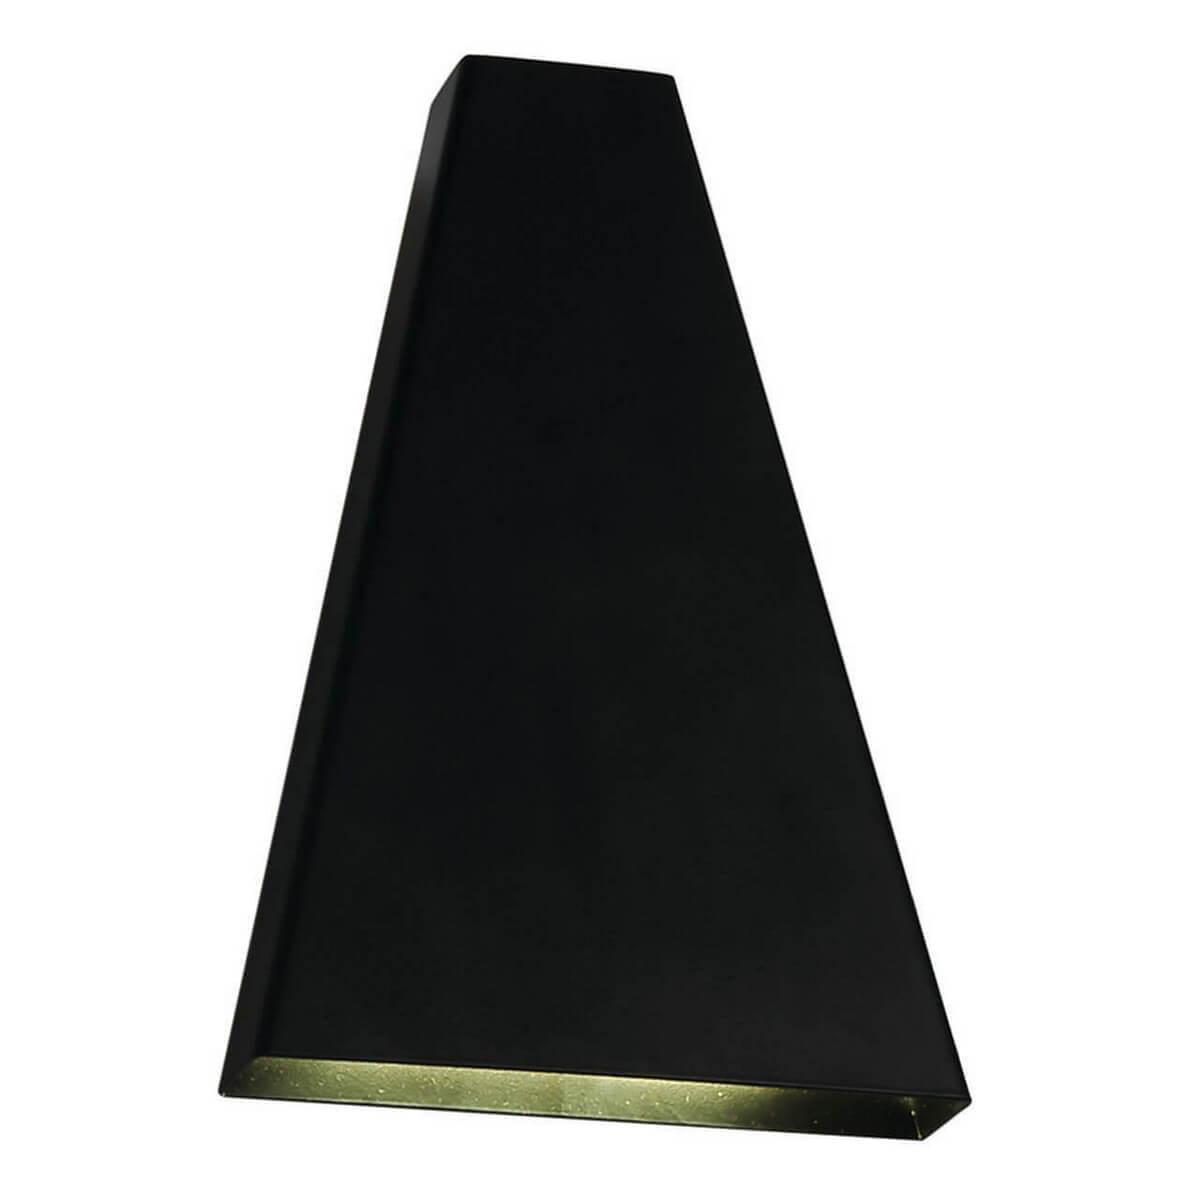 Настенный светильник Kink Light 08144, LED, 6 Вт kink light настенный светильник italline ufo black gold